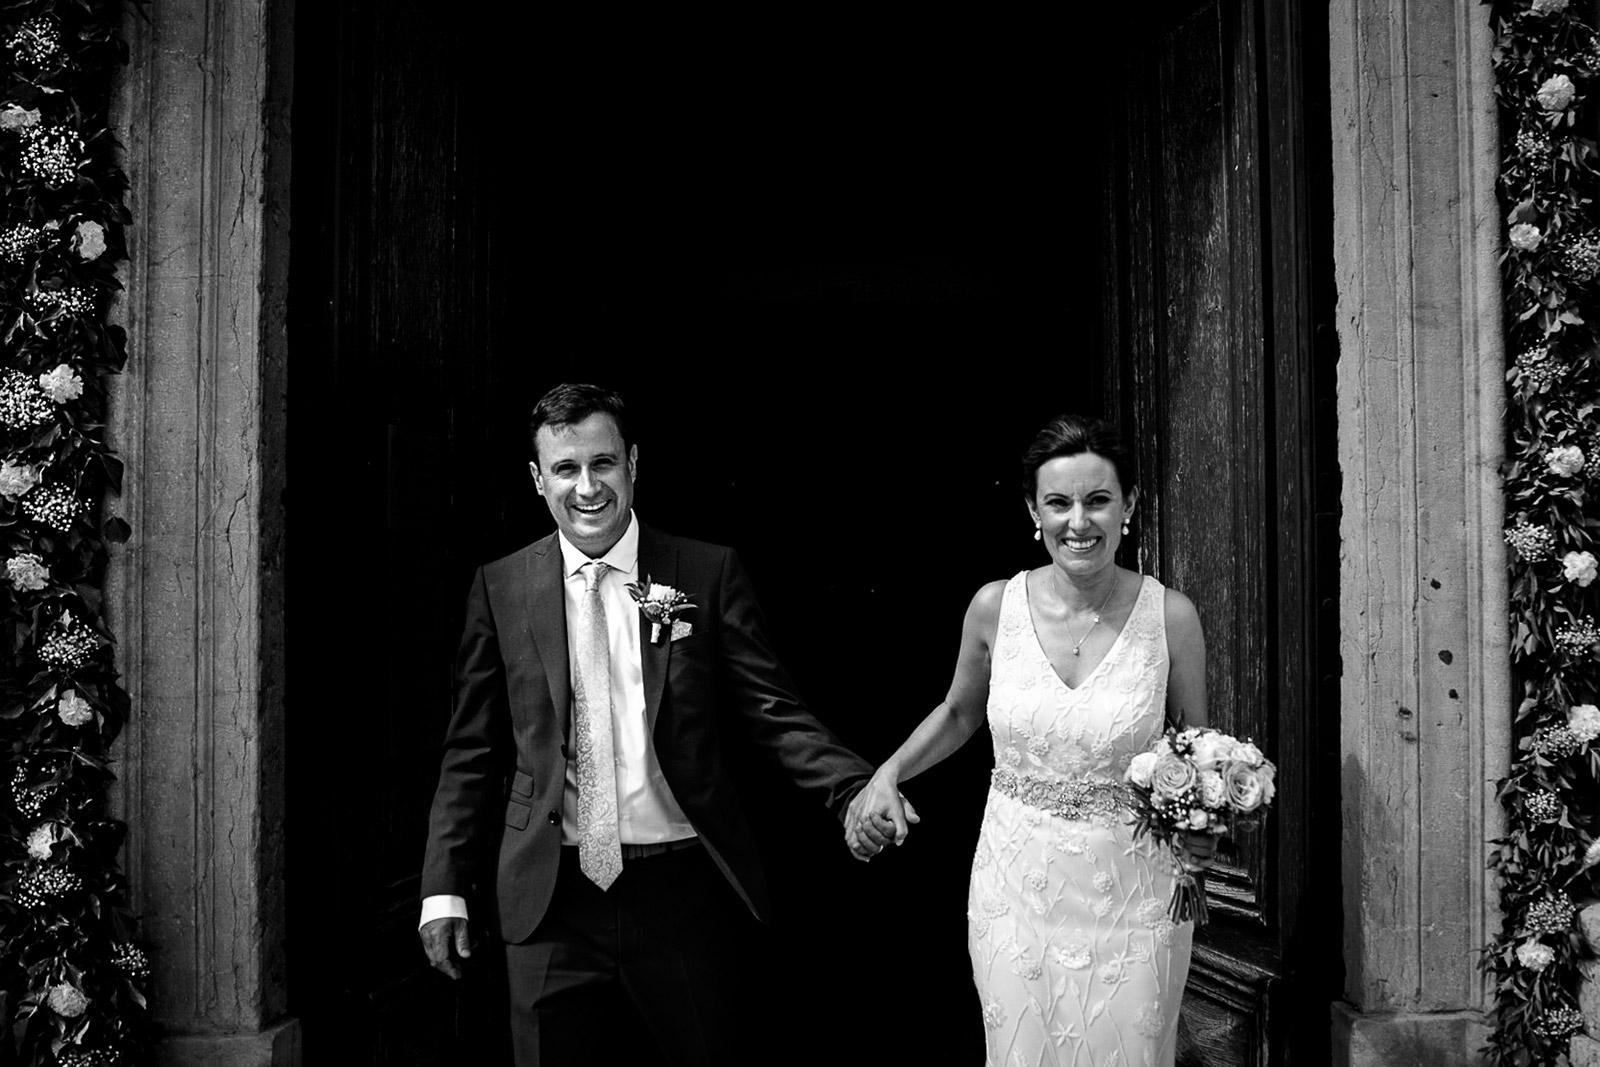 Photographe de mariage Irlandais photographe de mariage Lantignié Château des Vergers Irlande